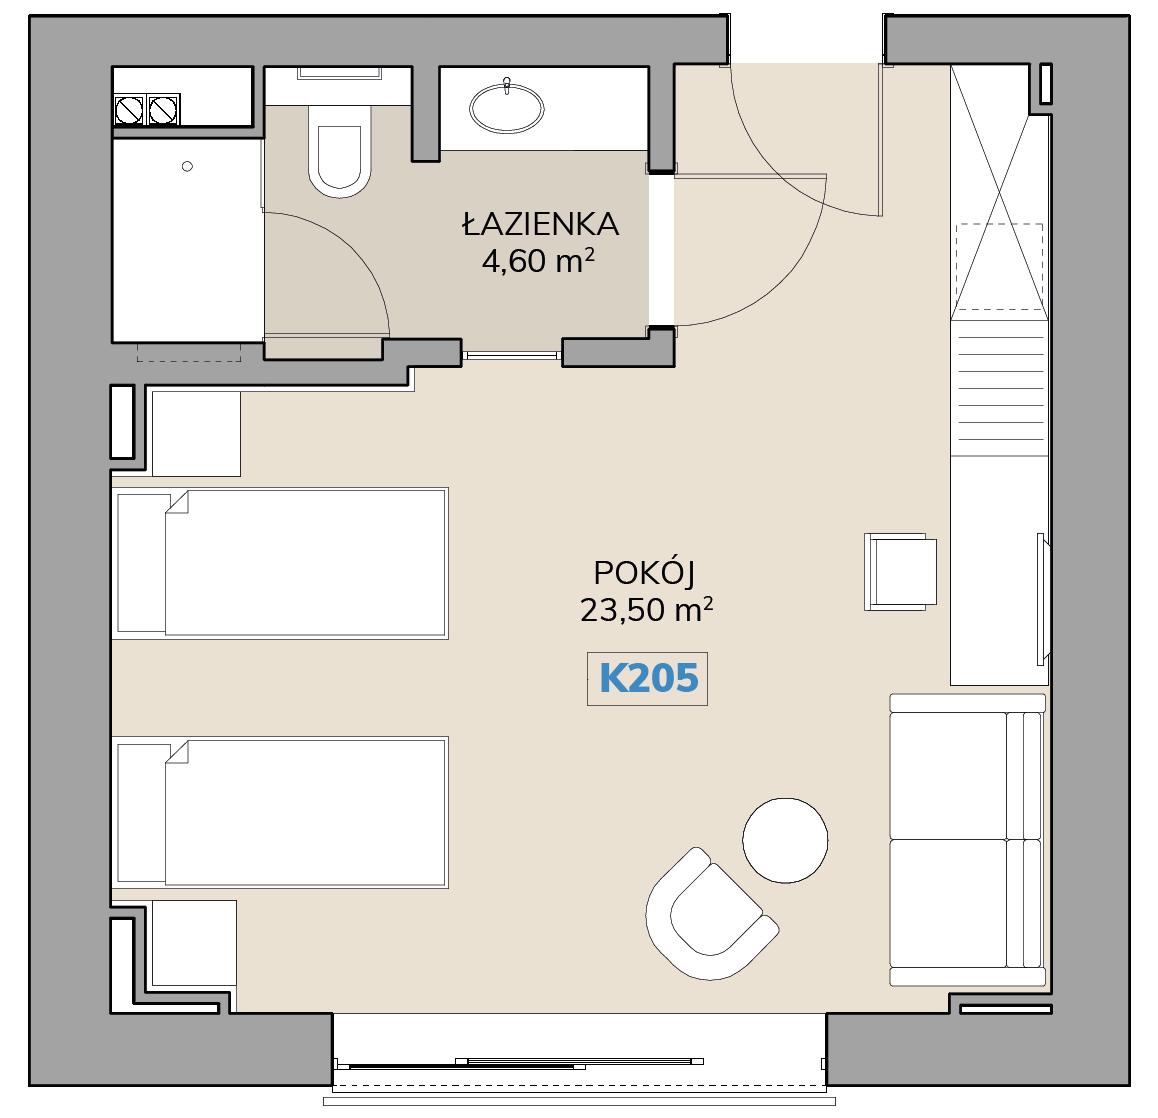 Apartament K205